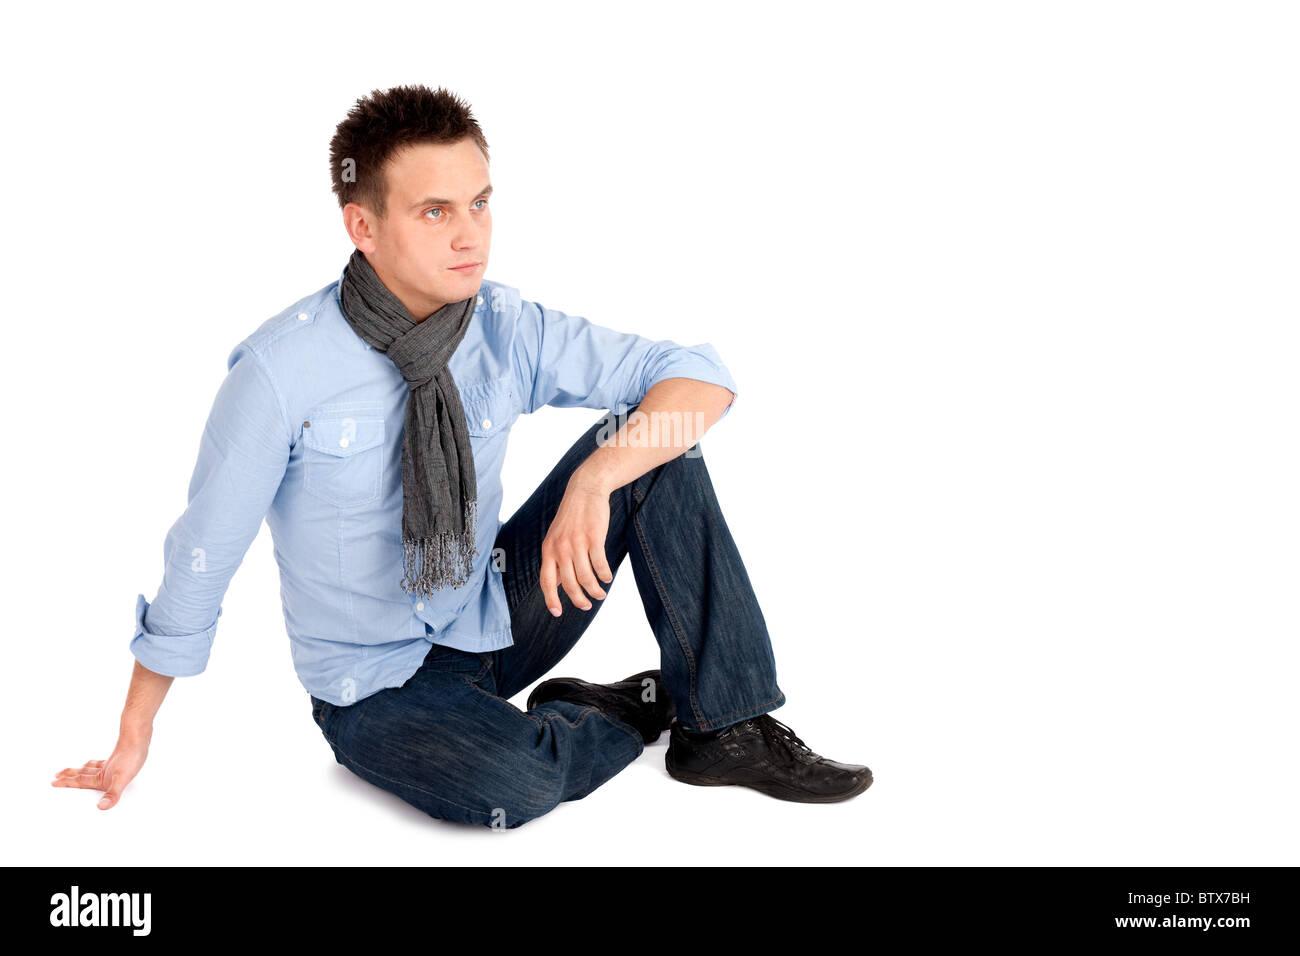 super popular ac539 792c0 Casual Giovane Uomo in camicia e jeans seduto a terra ...